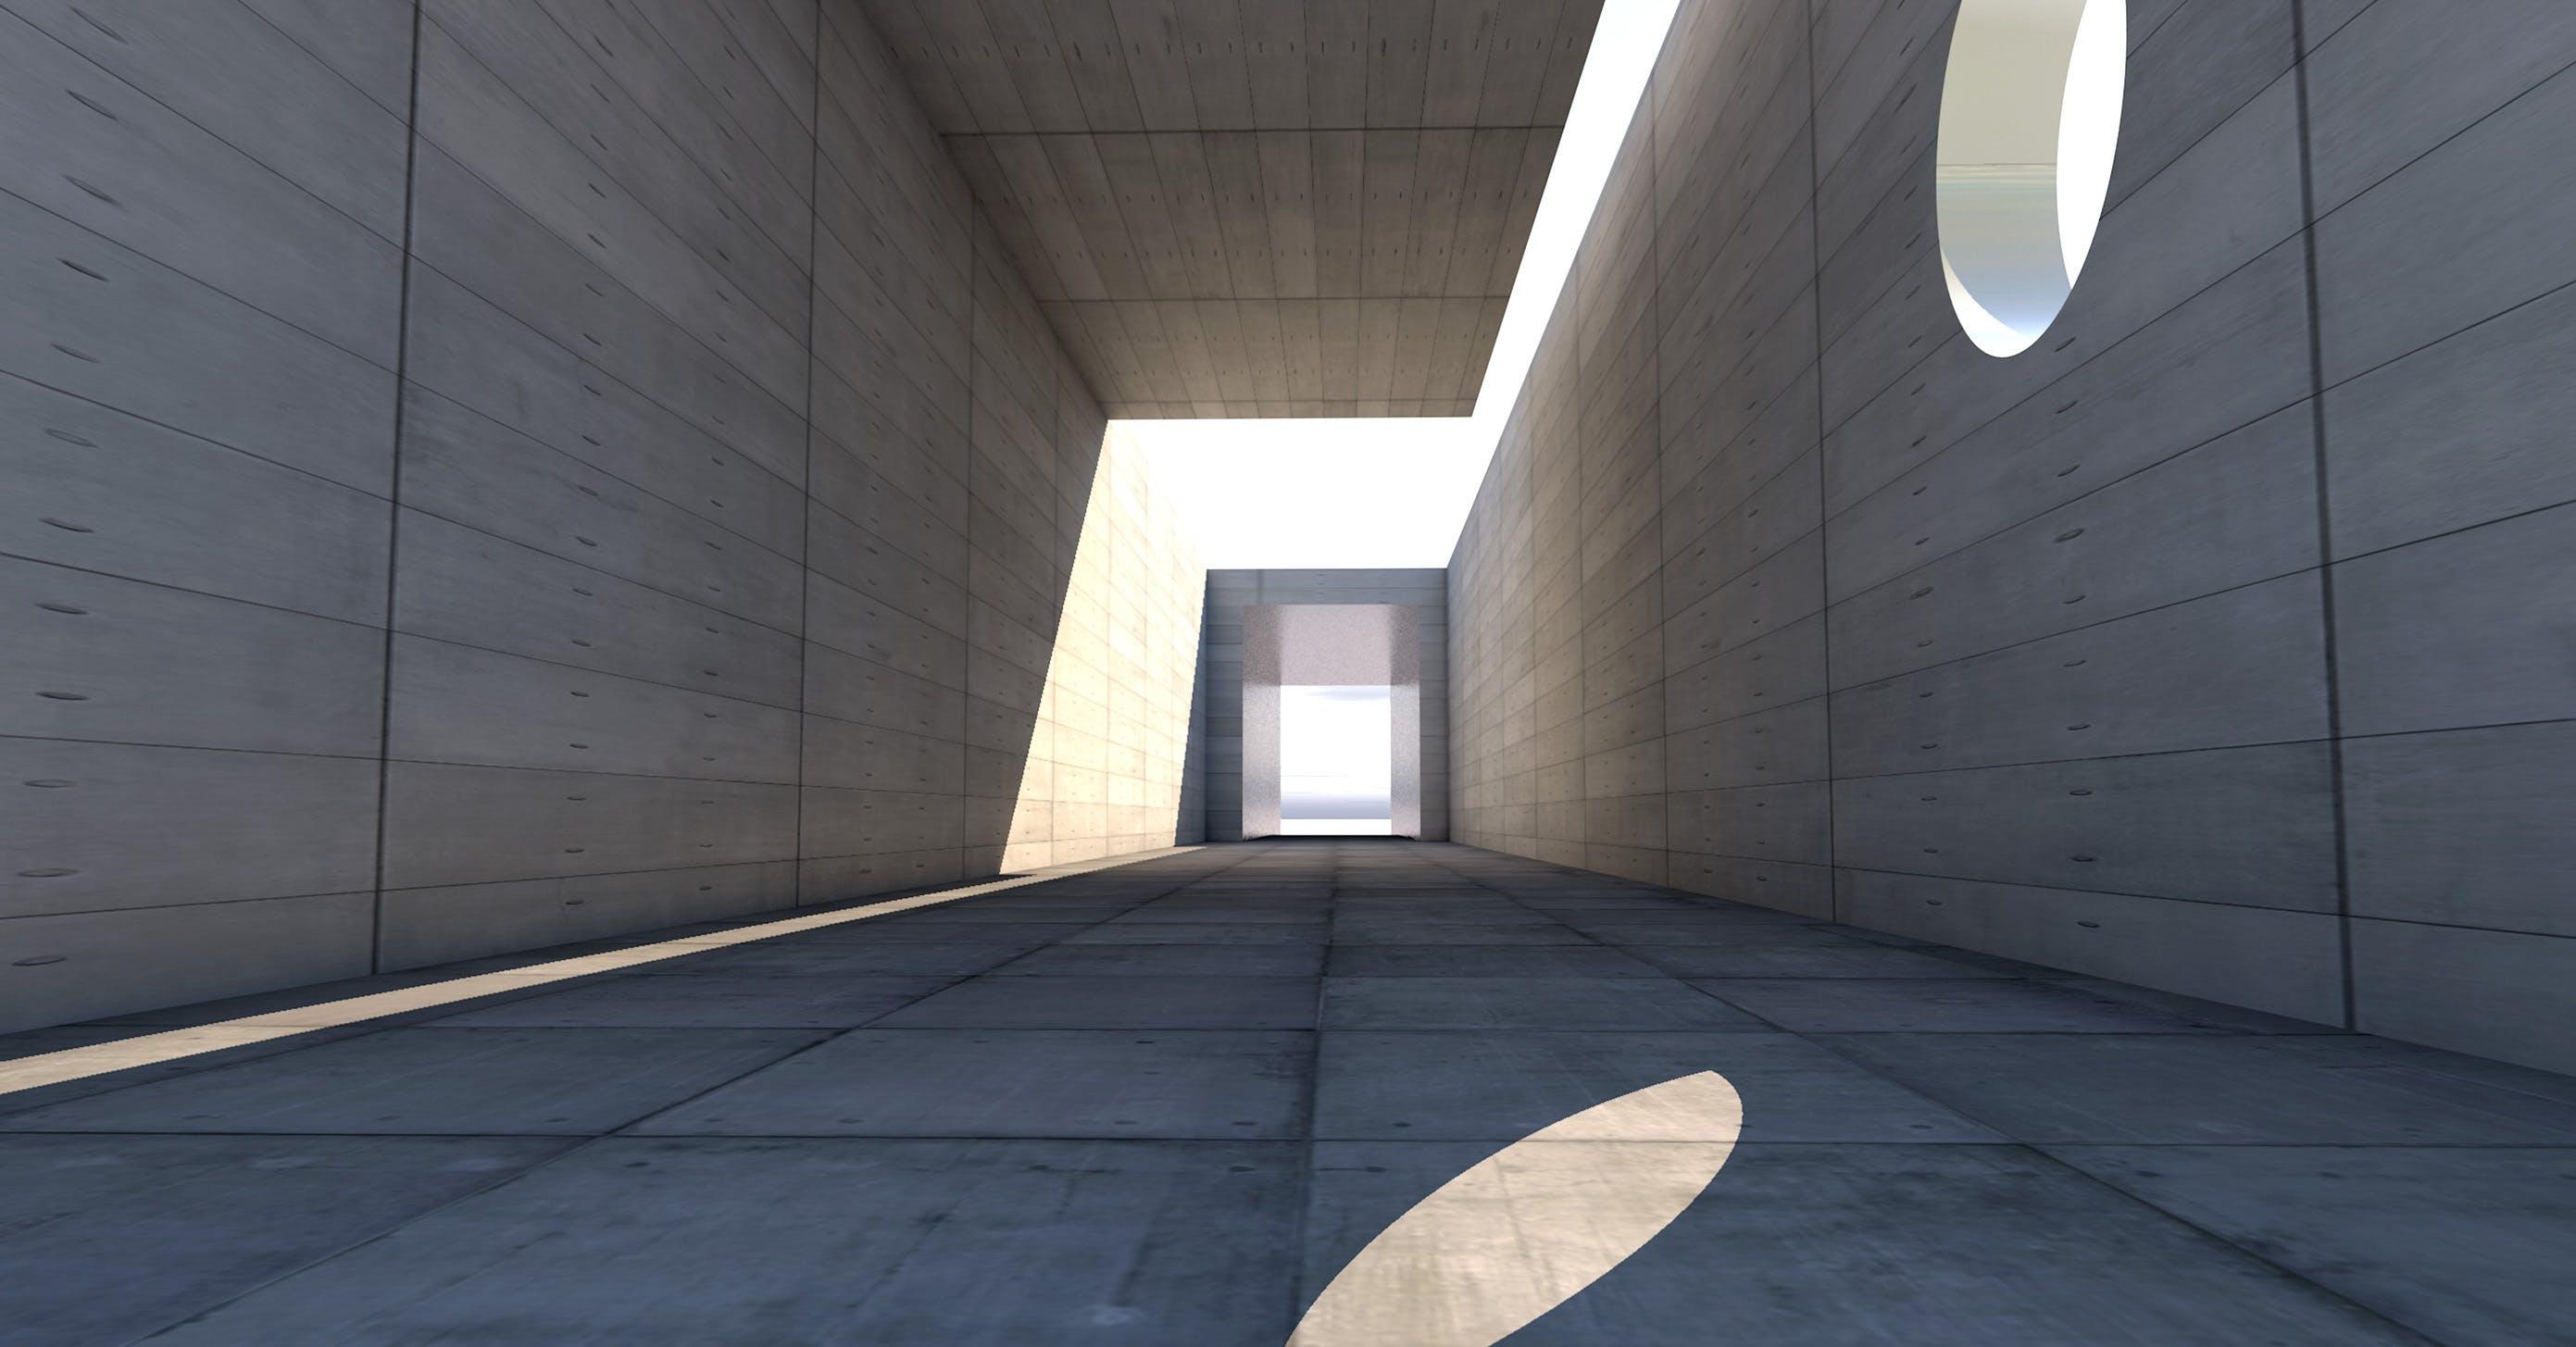 arquitetura, concreto, construção